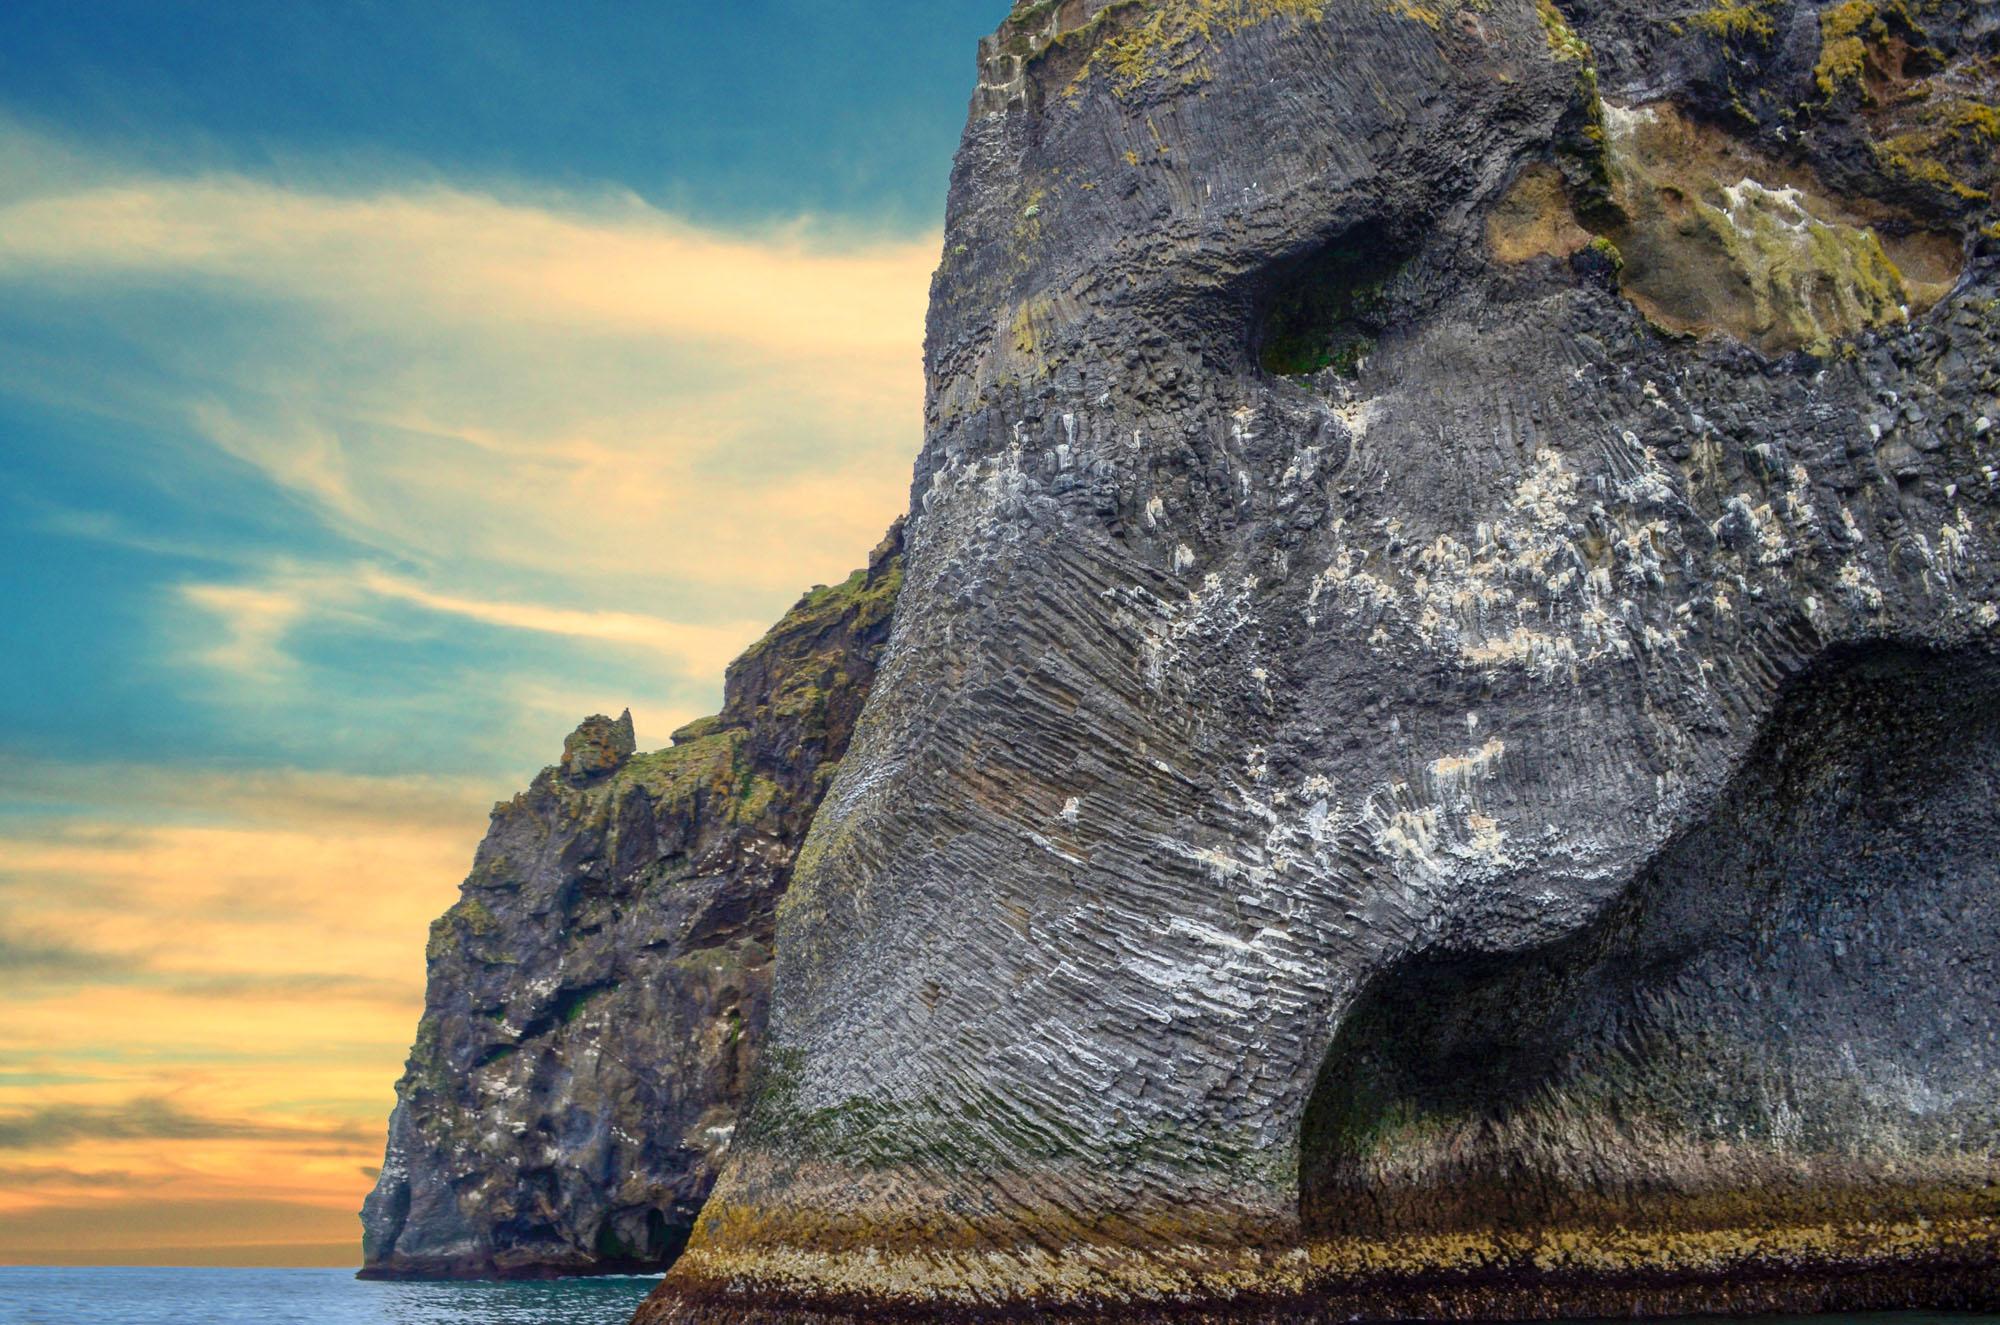 エレファント・ロックはアイスランドのウェストマン諸島にある人気の写真被写体